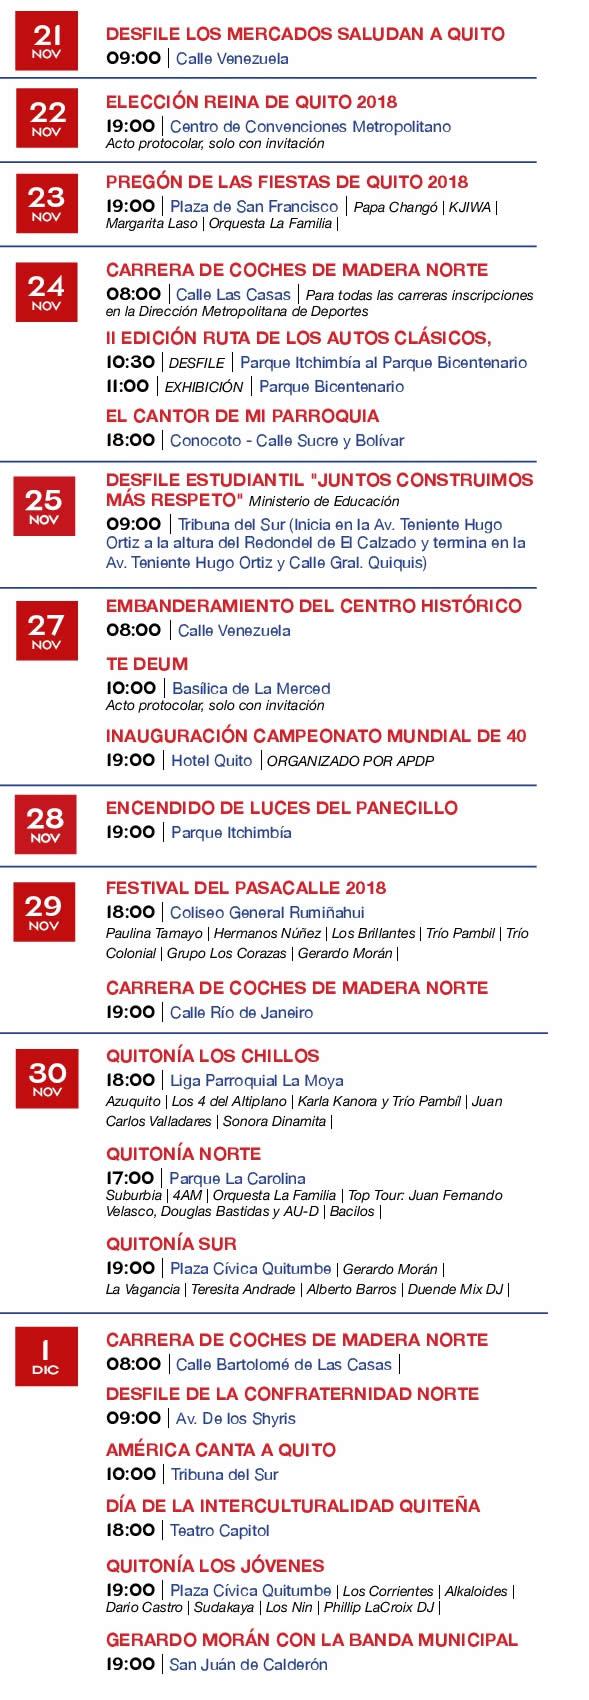 Eventos fiestas de Quito 2018